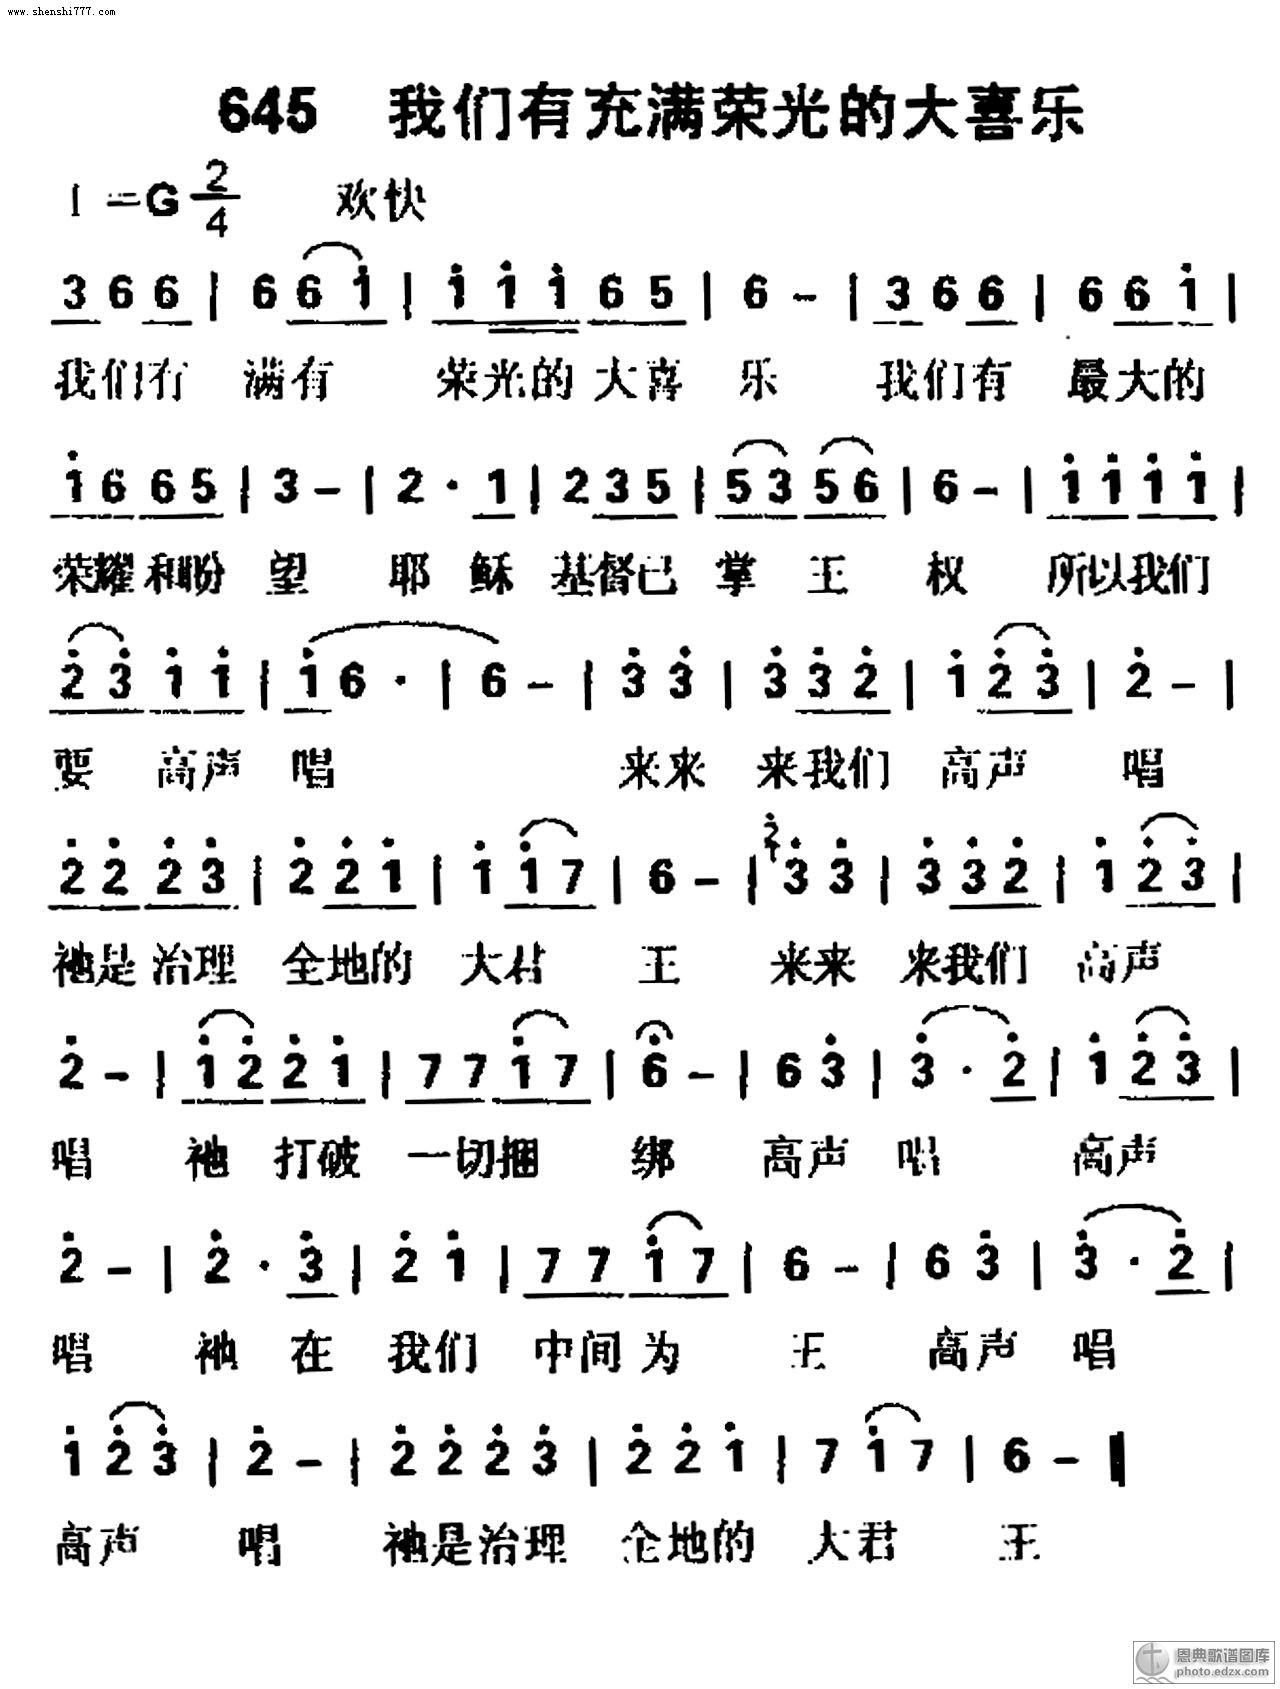 教歌谱网基督教简谱网歌谱网 诗歌下载五线谱 钢琴谱 圣歌韩国英文网